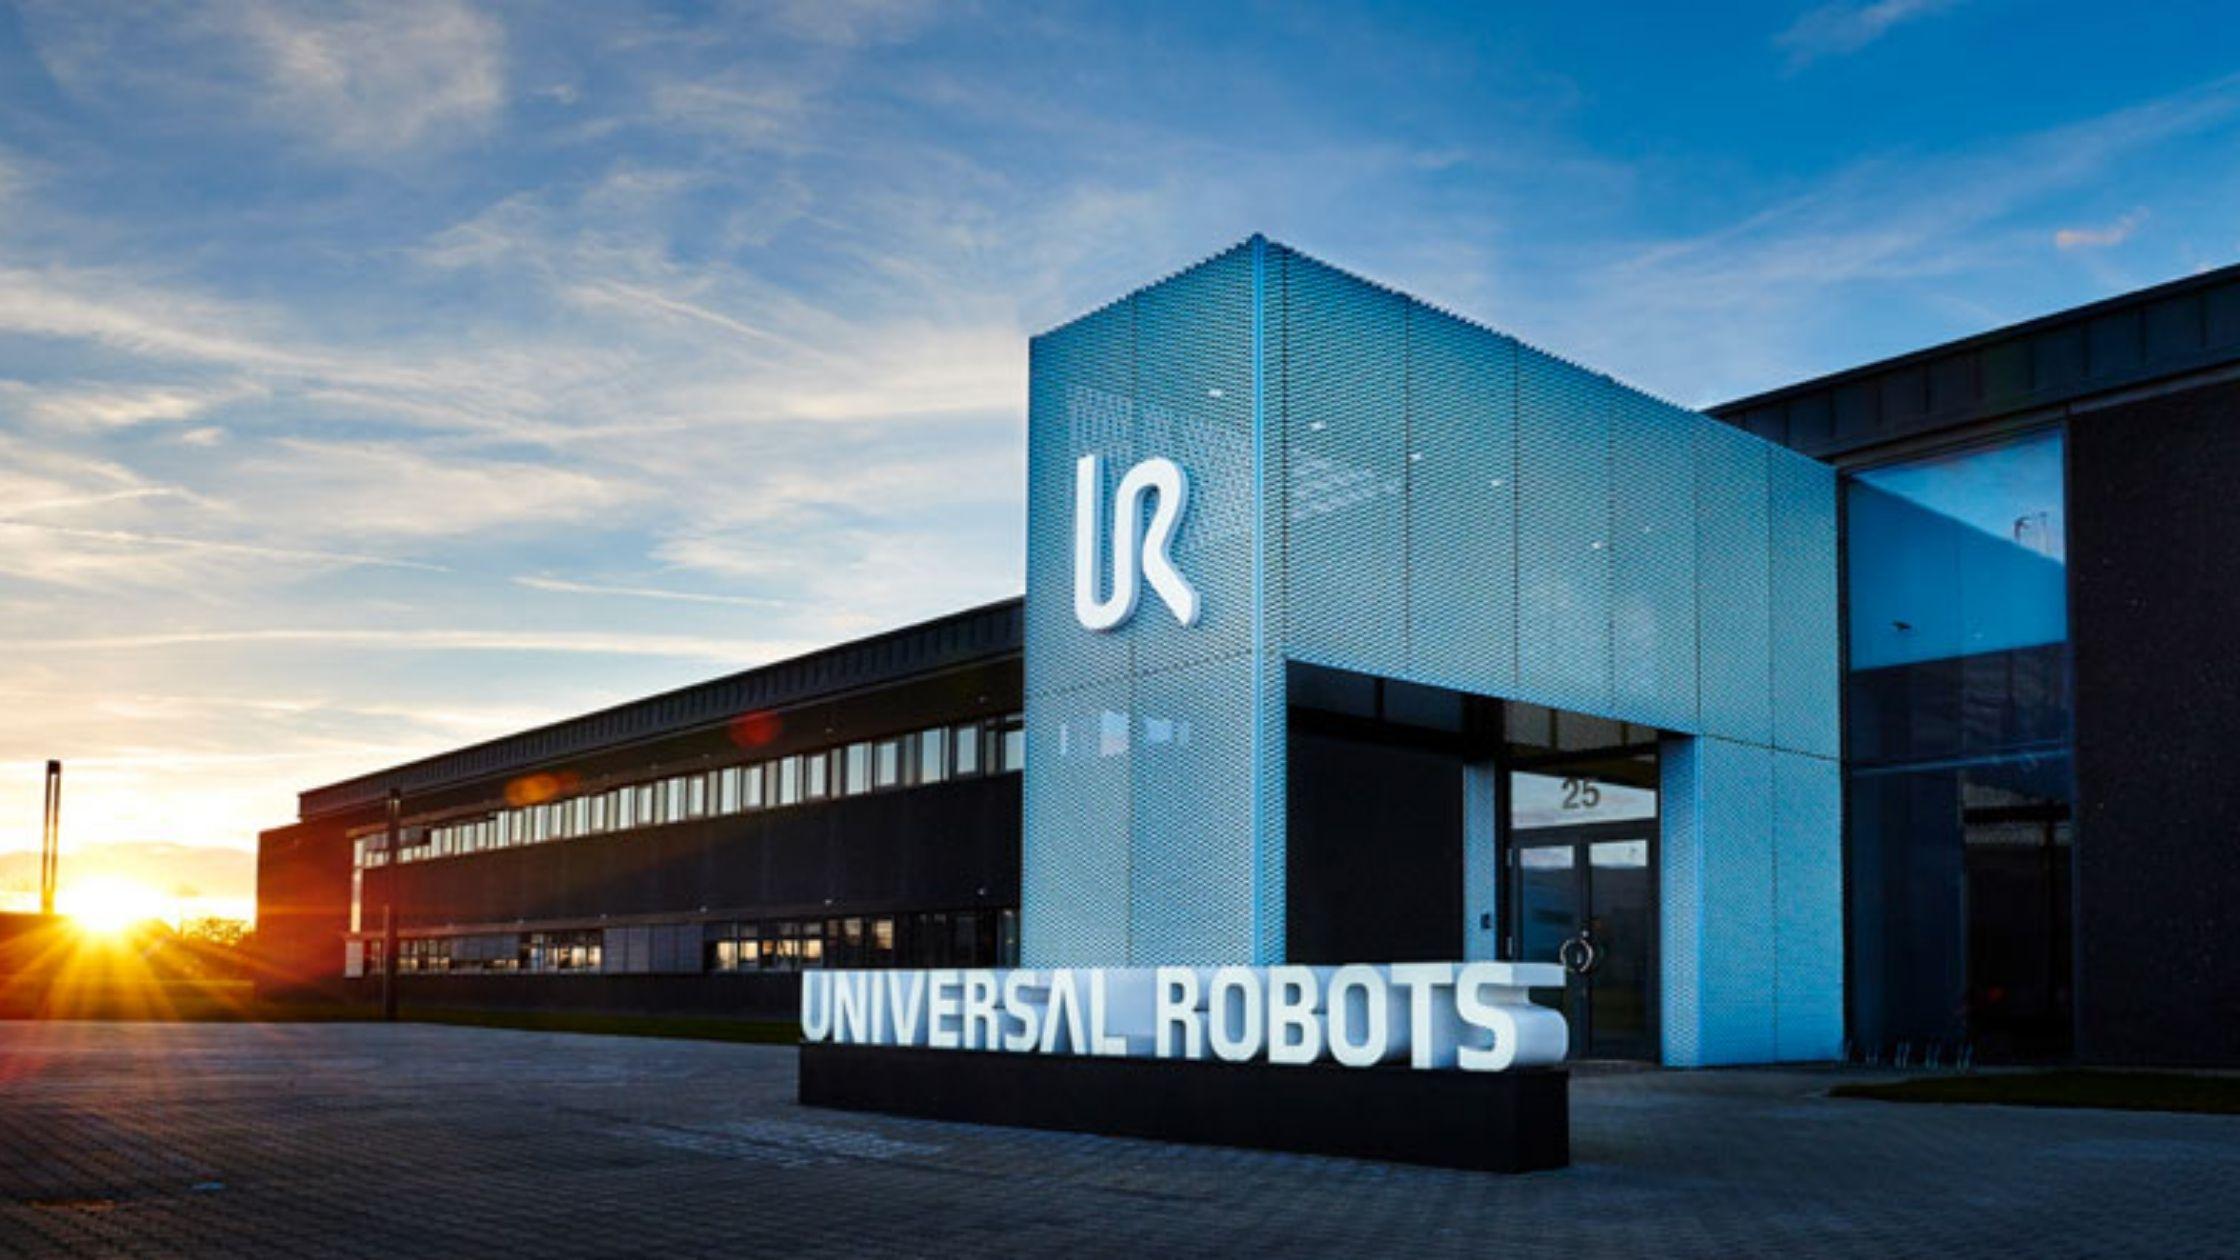 Robotica collaborativa: gli stai generali di Universal Robots